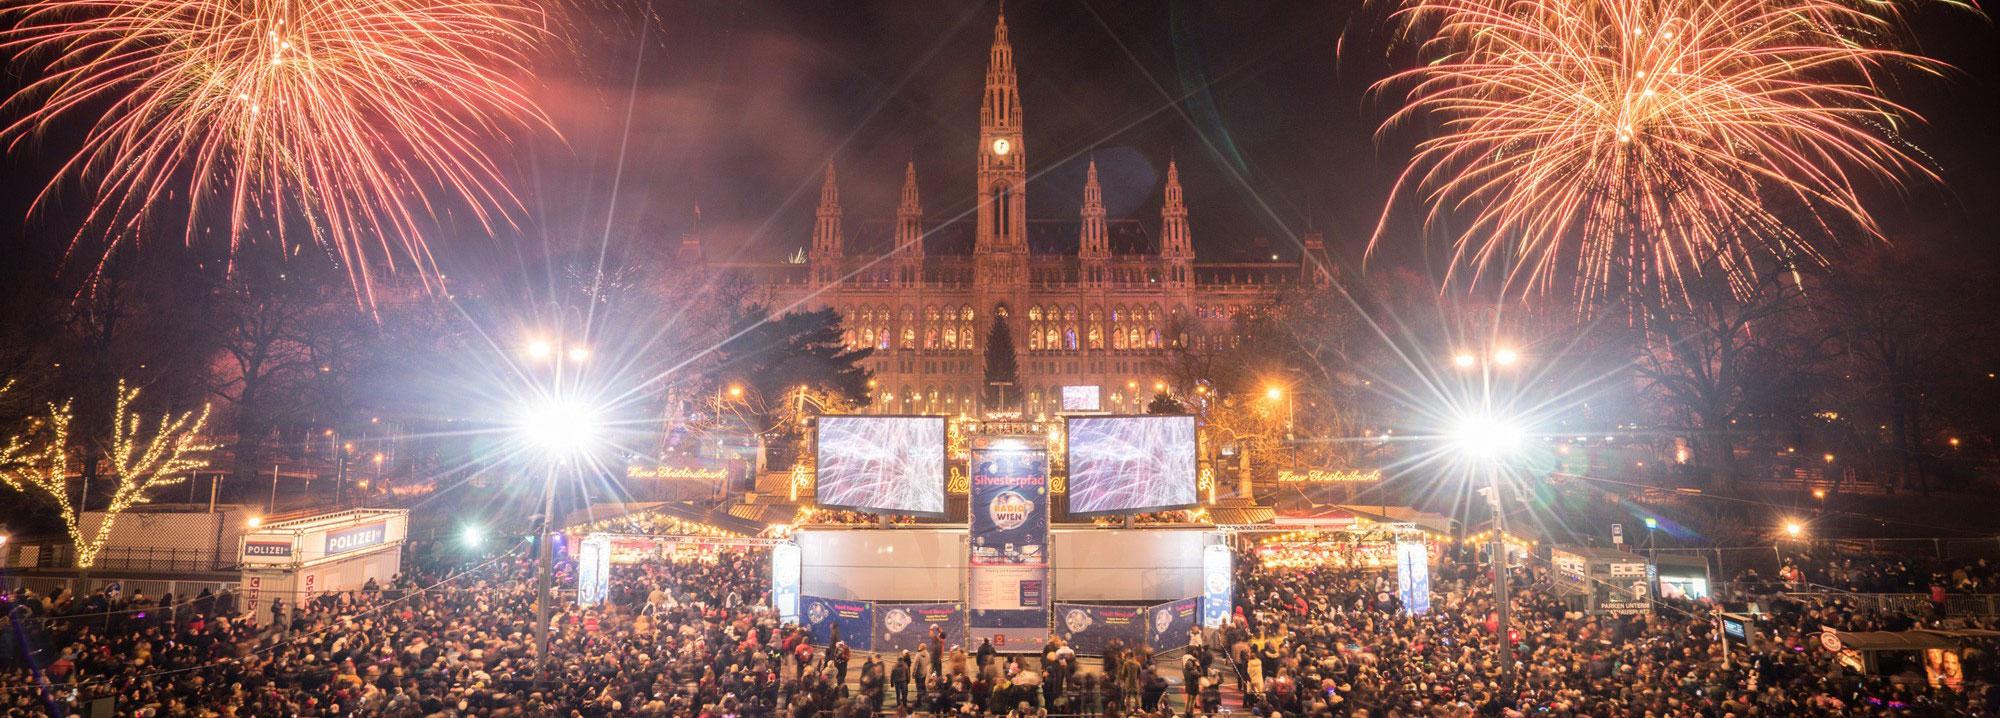 Ansicht des Rathauses mit Feuerwerk